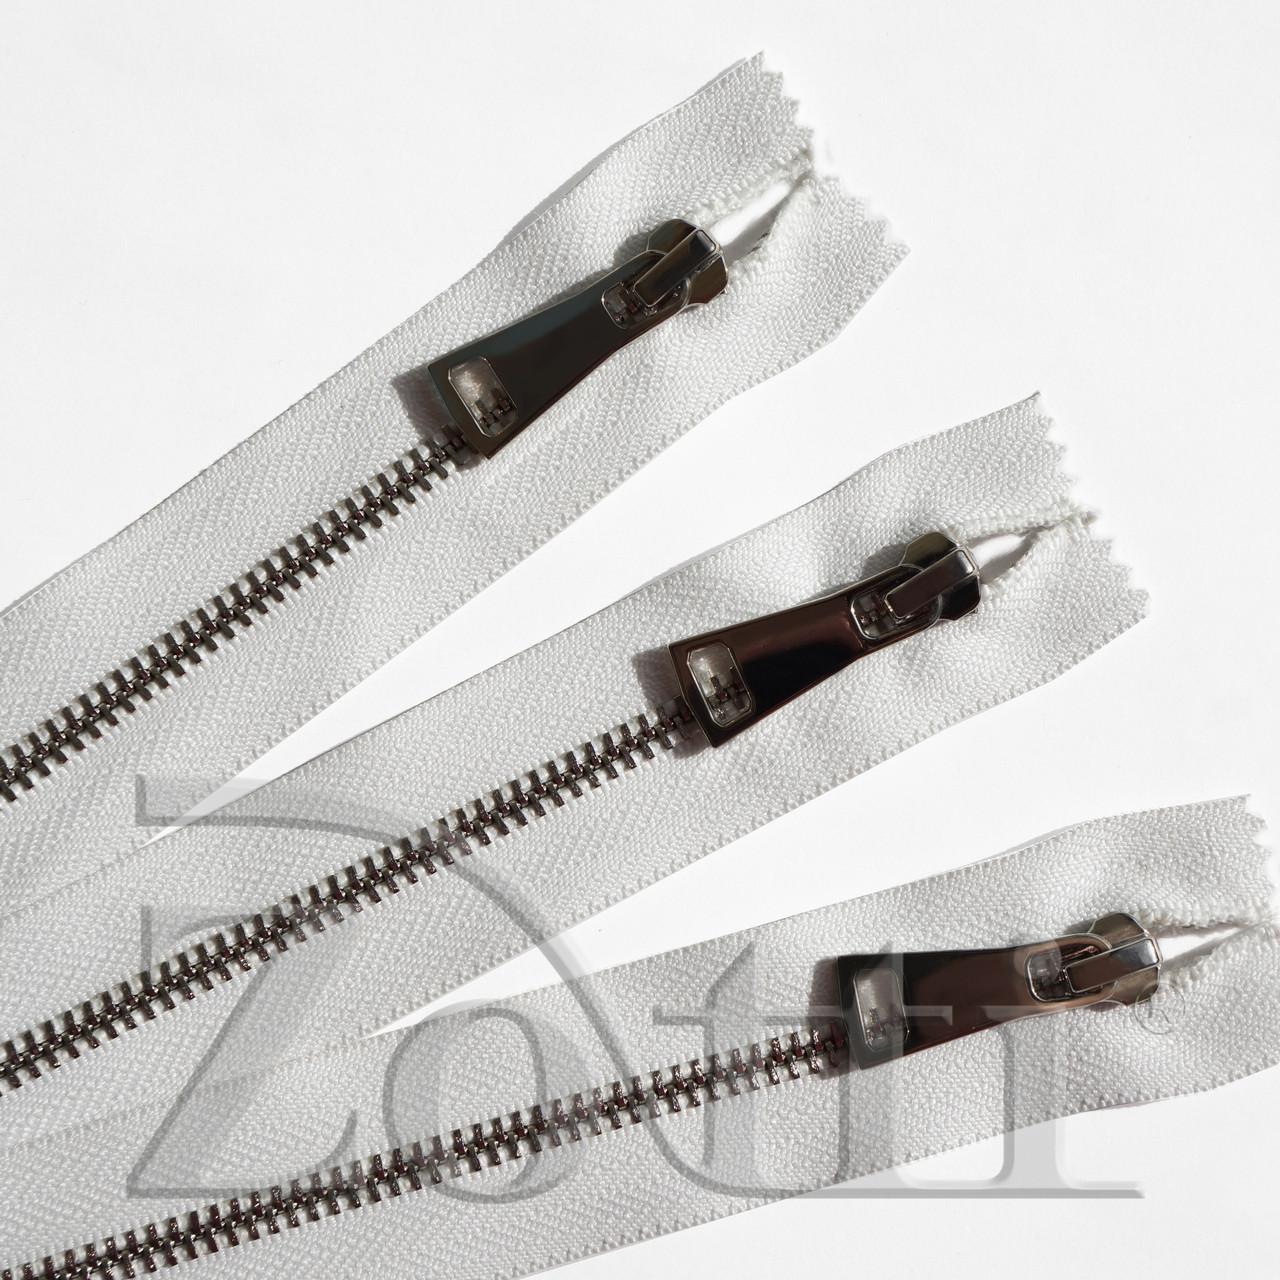 Молния (змейка,застежка) металлическая №5, размерная, обувная, белая, с серебряным бегунком № 115 - 20 см